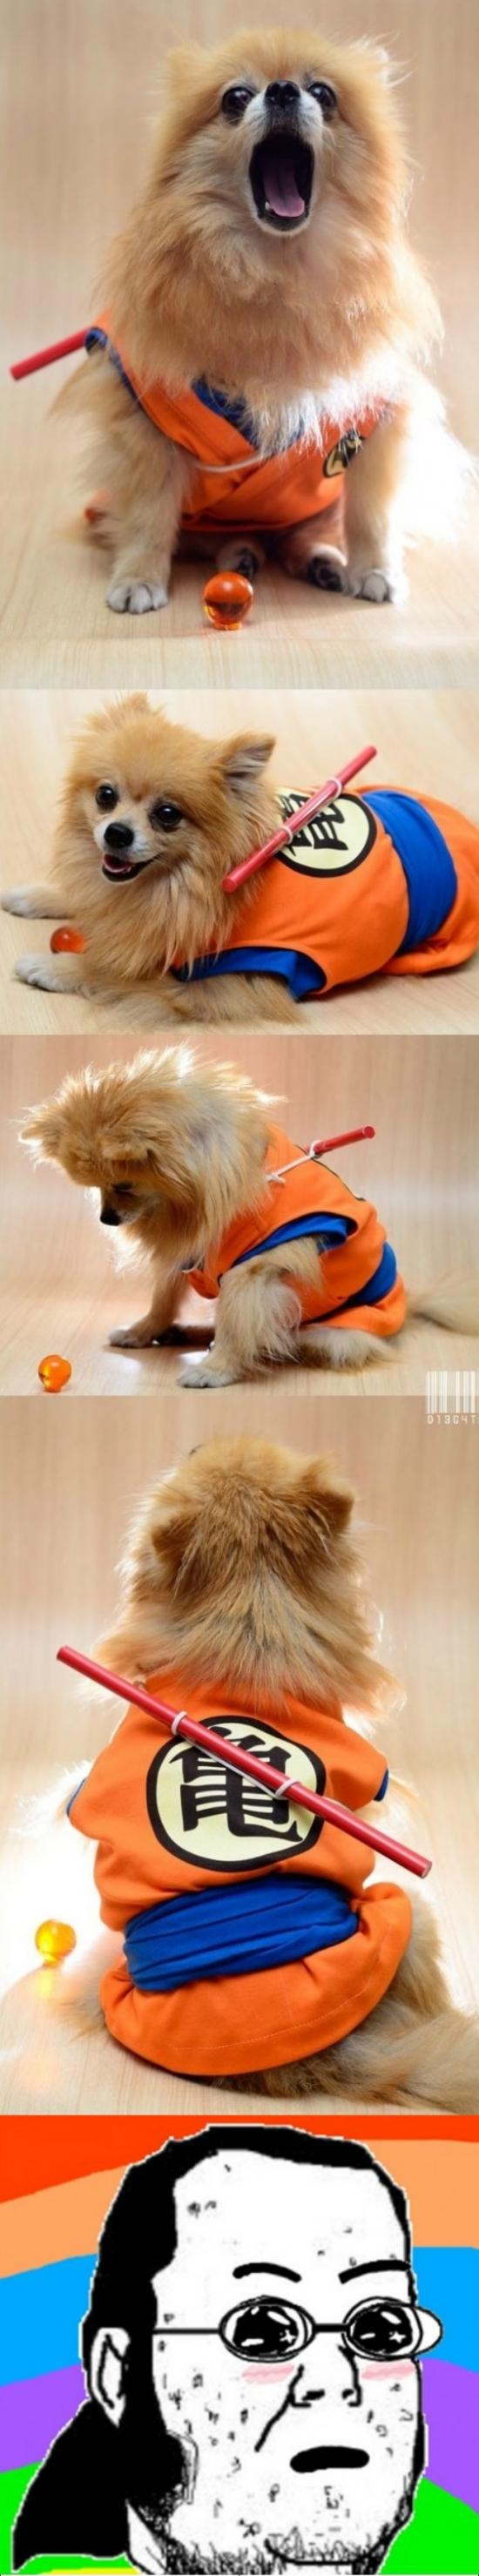 Friki - El perro deseado por cualquier friki